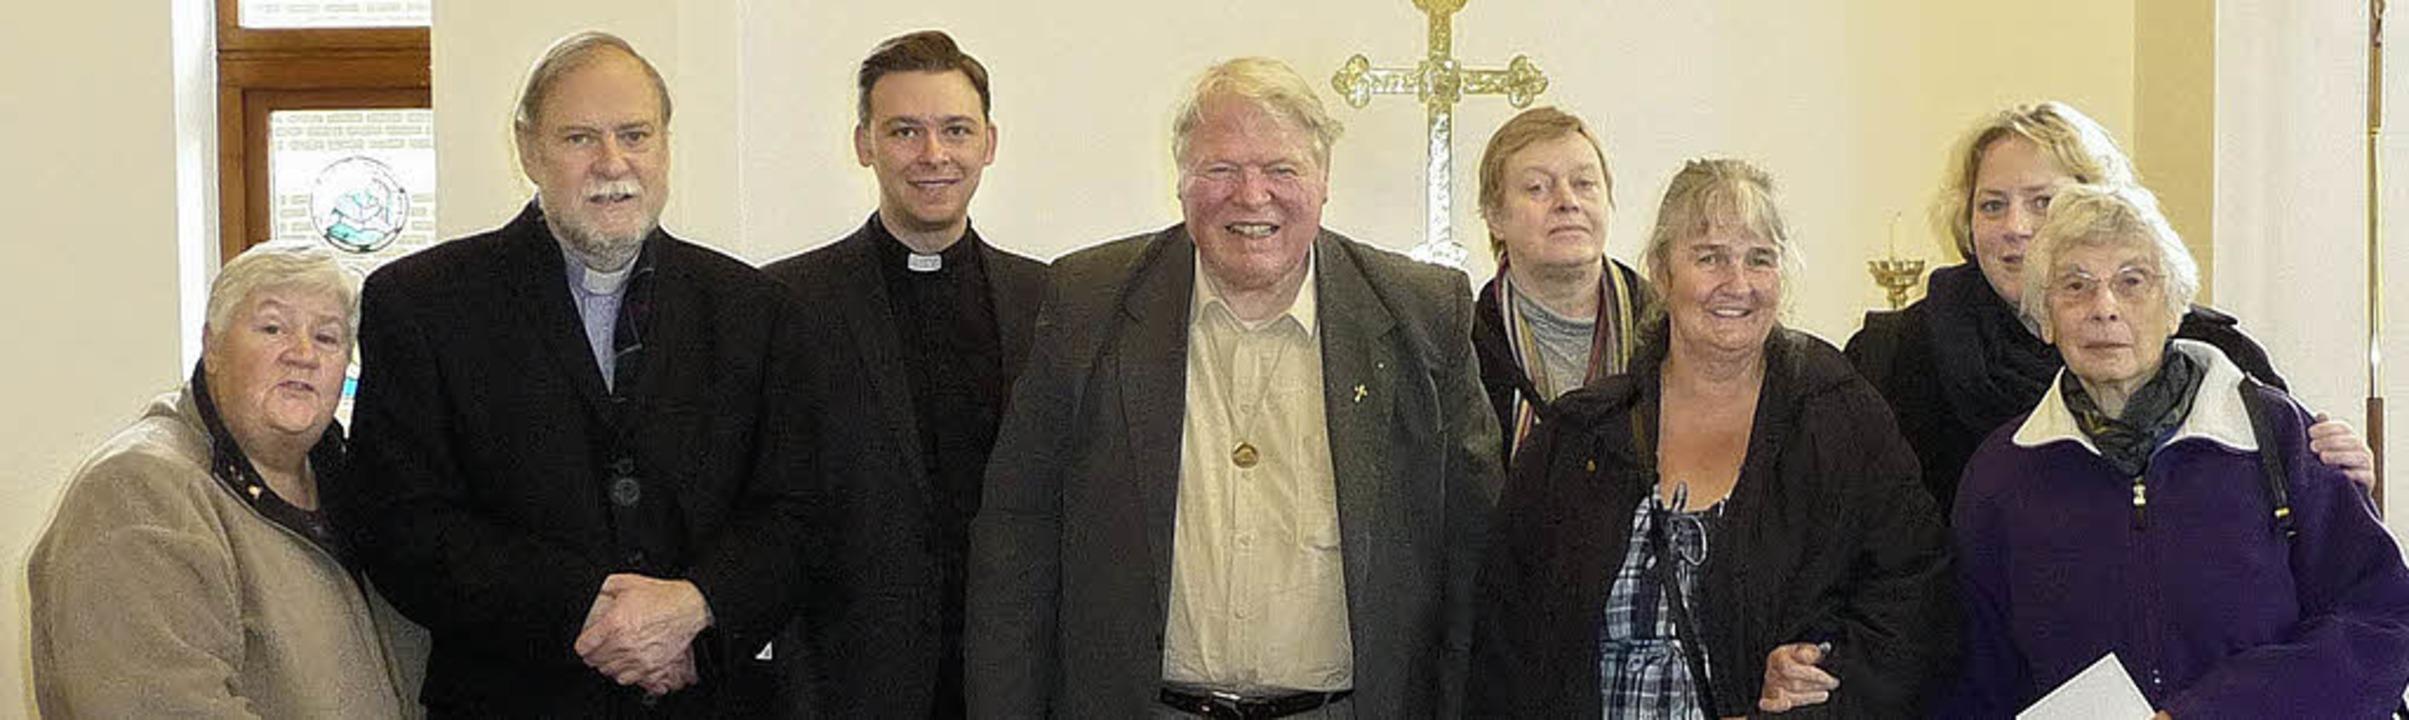 Besuch der lutherischen Kirche St. Pau...rchill, Anne Fischer, Marjorie Hilton   | Foto: privat